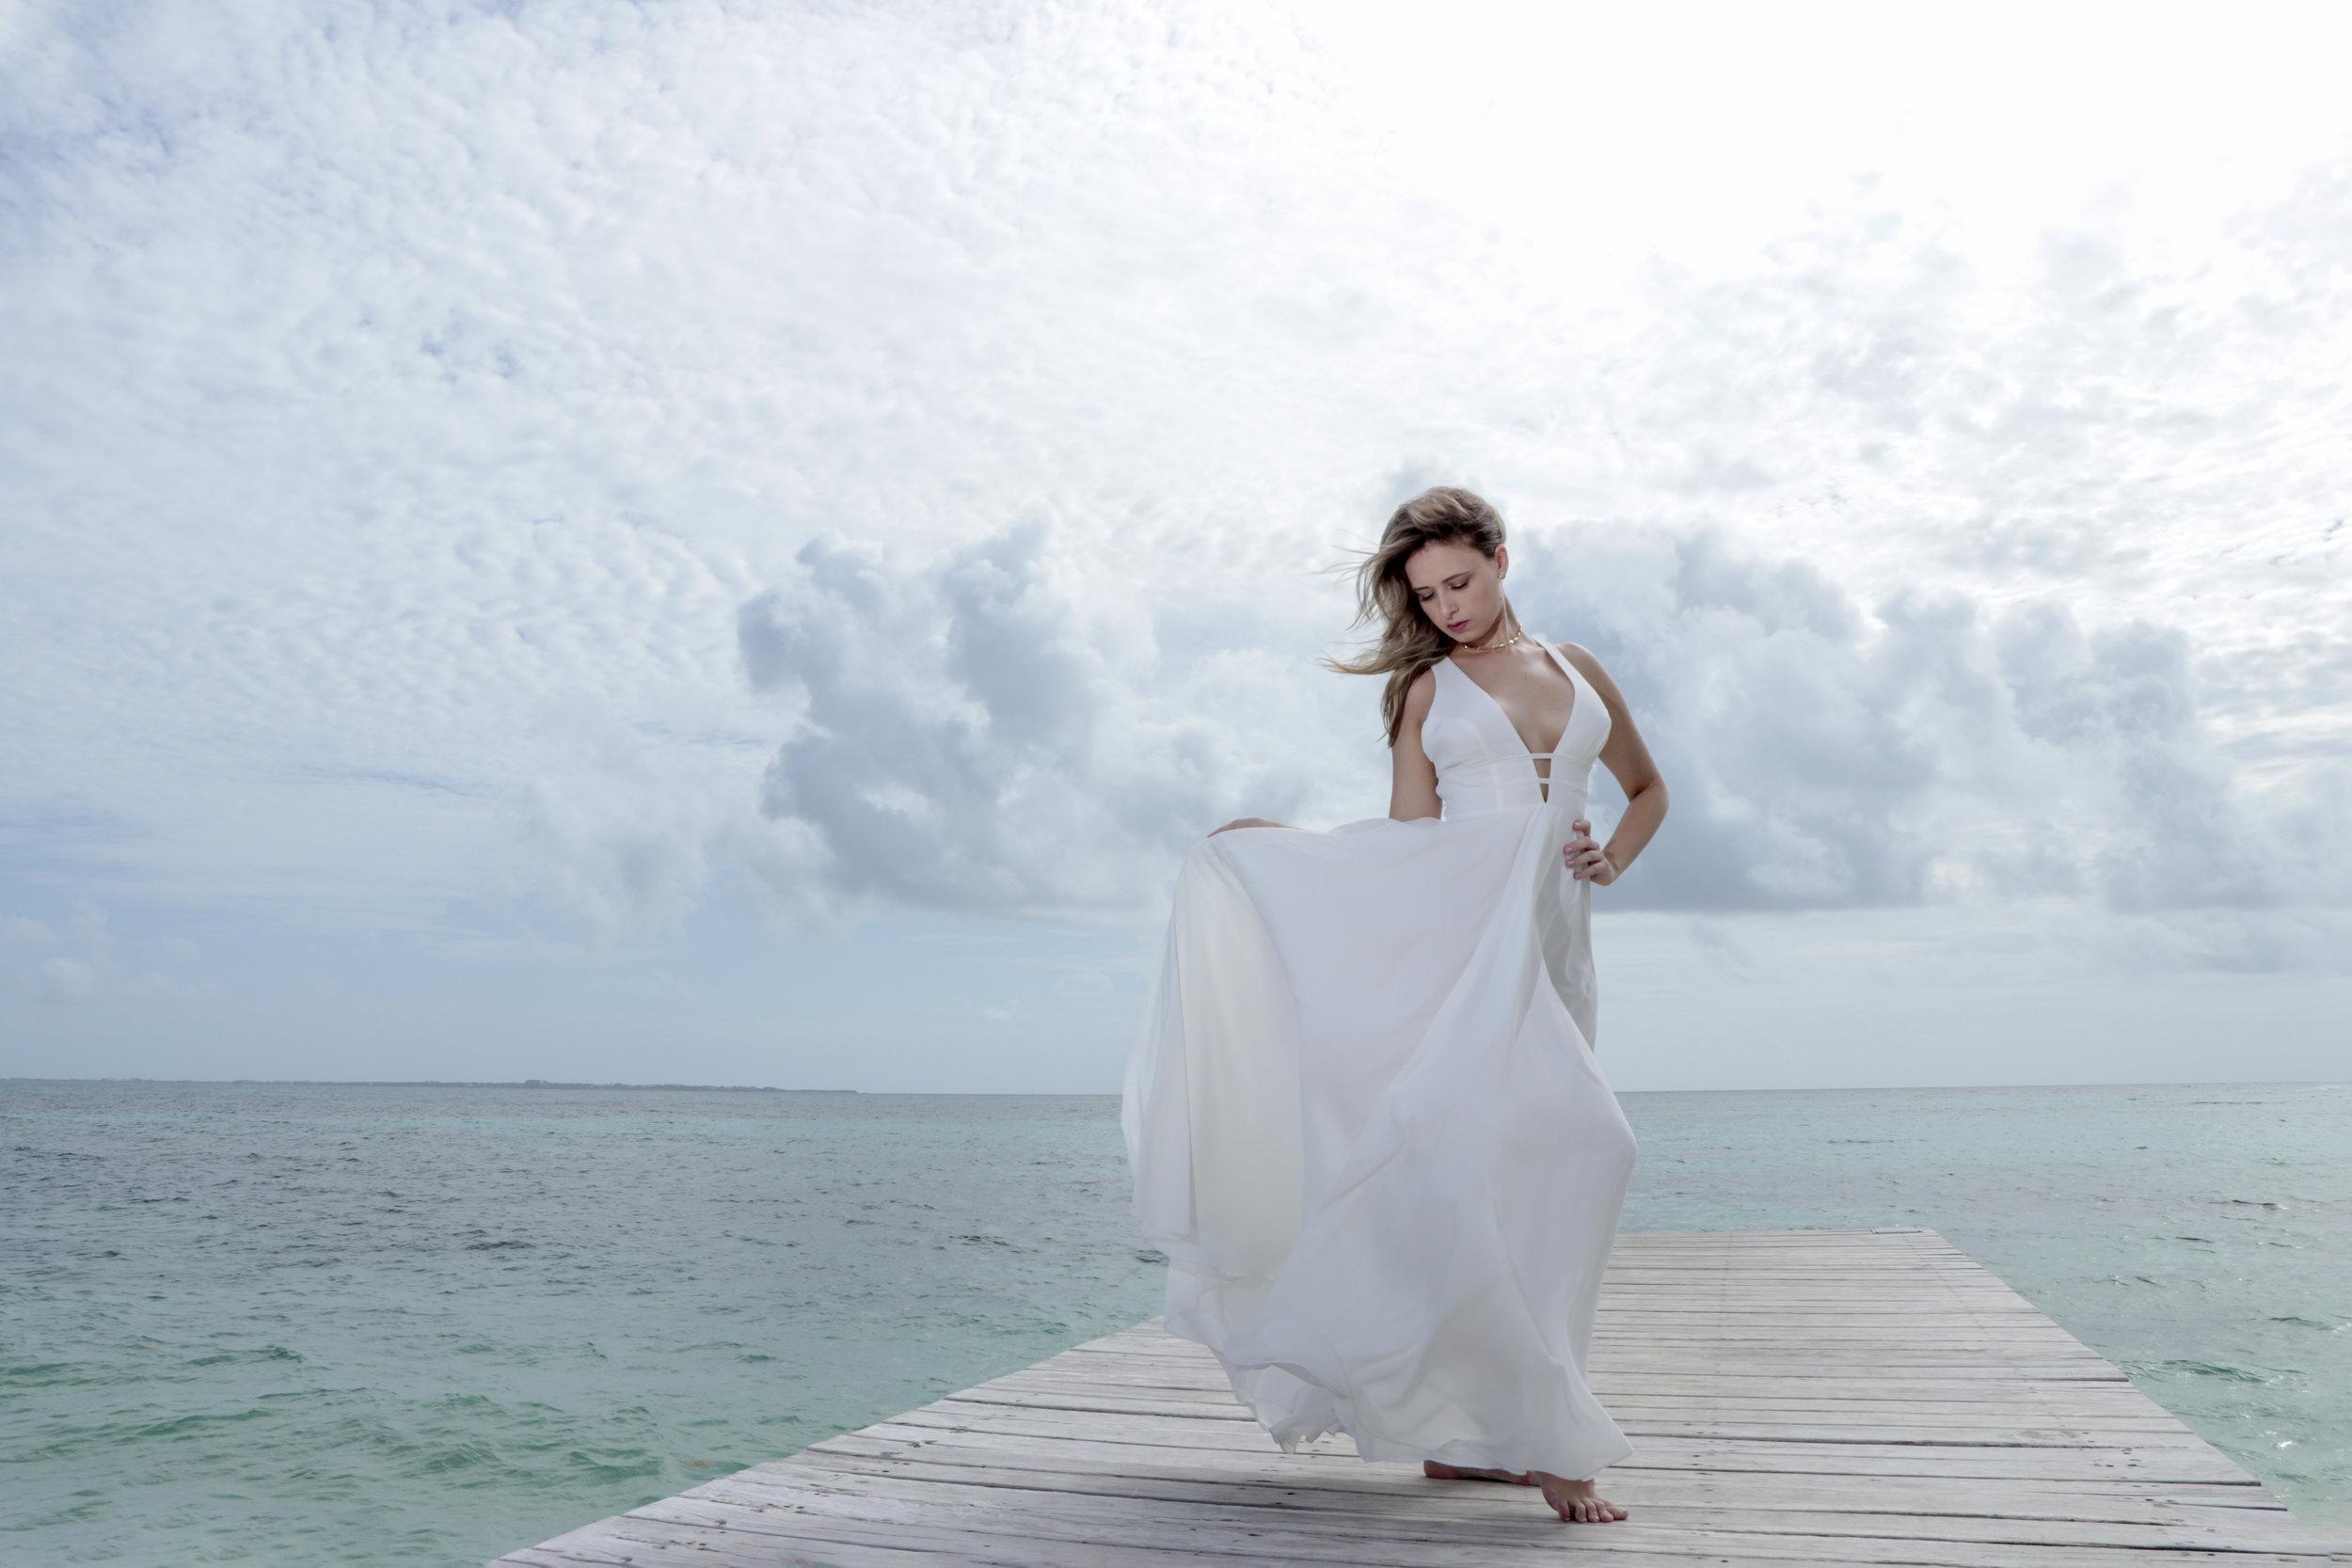 Ensaio Fotografico em Cancun 04.JPG